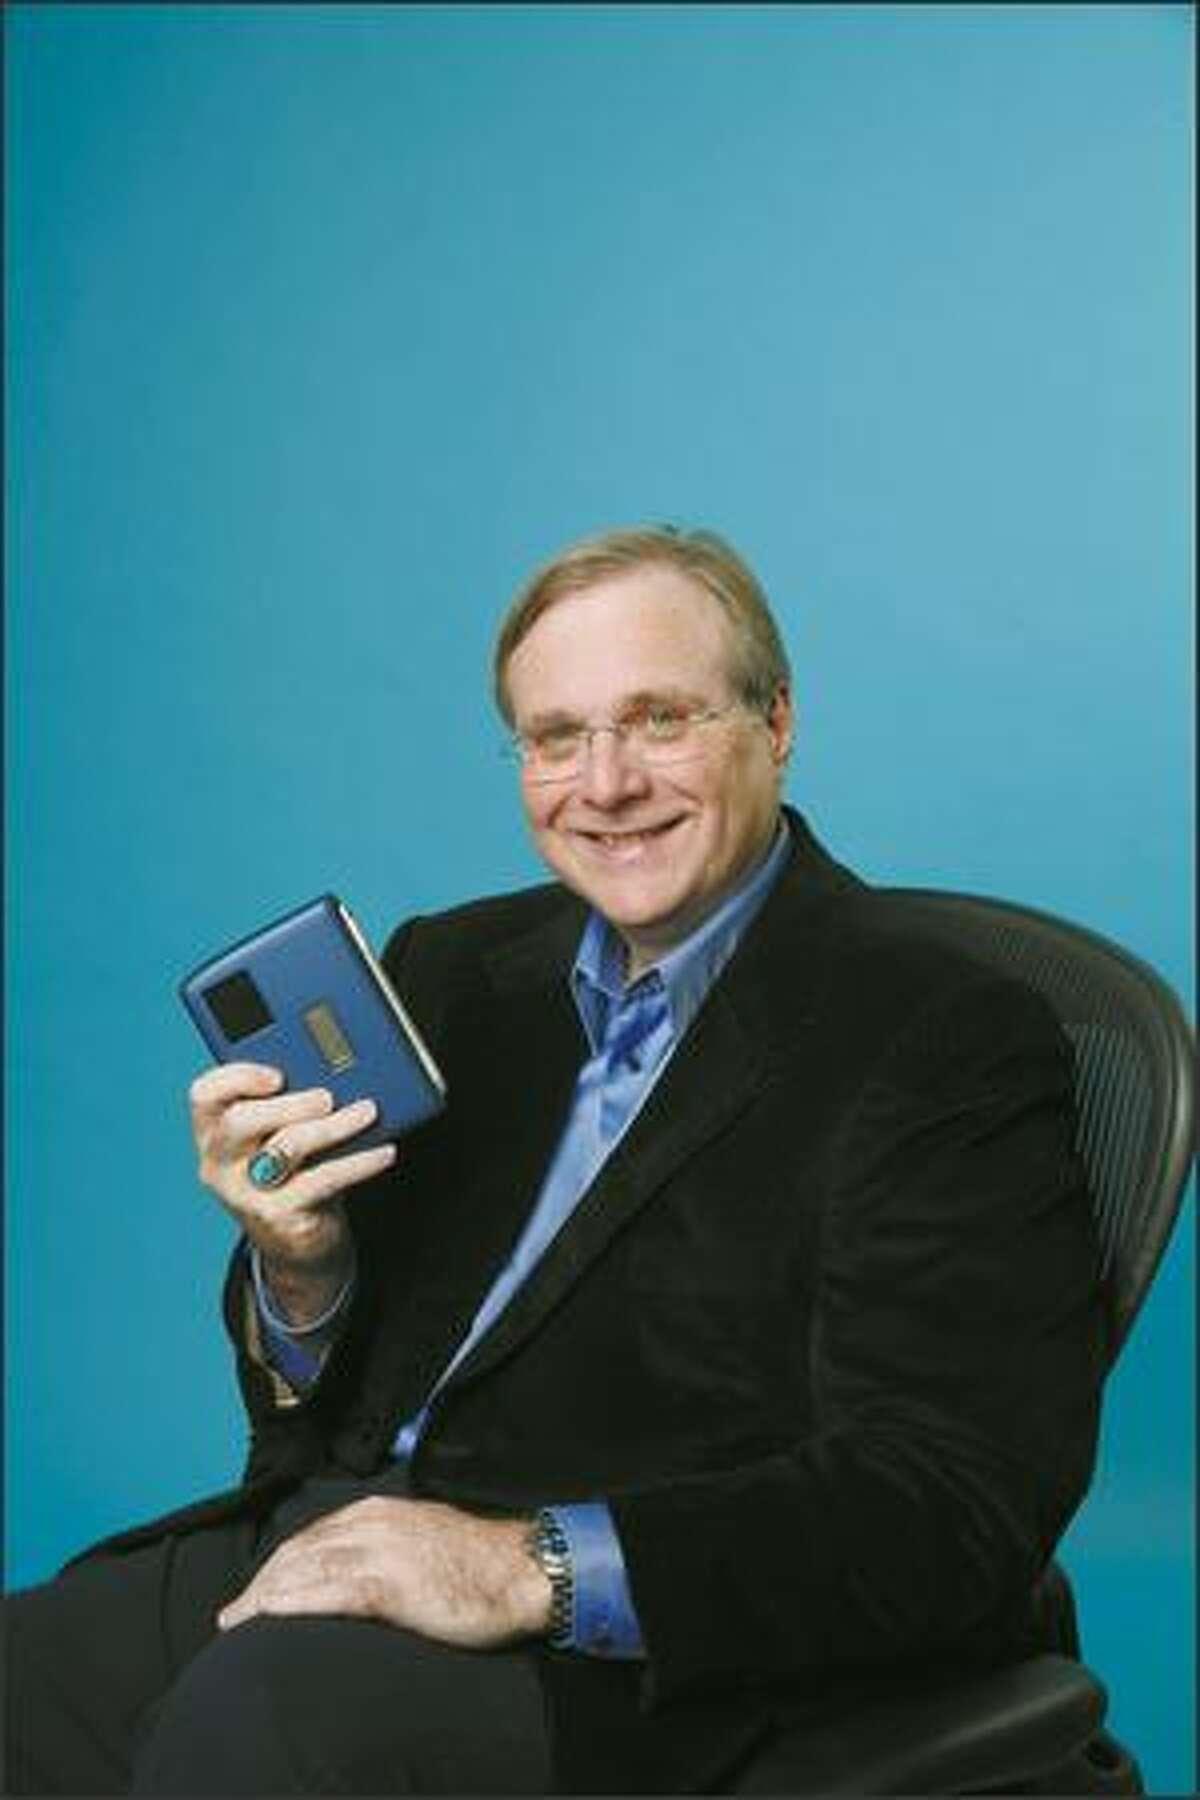 Paul Allen holding FlipStart.